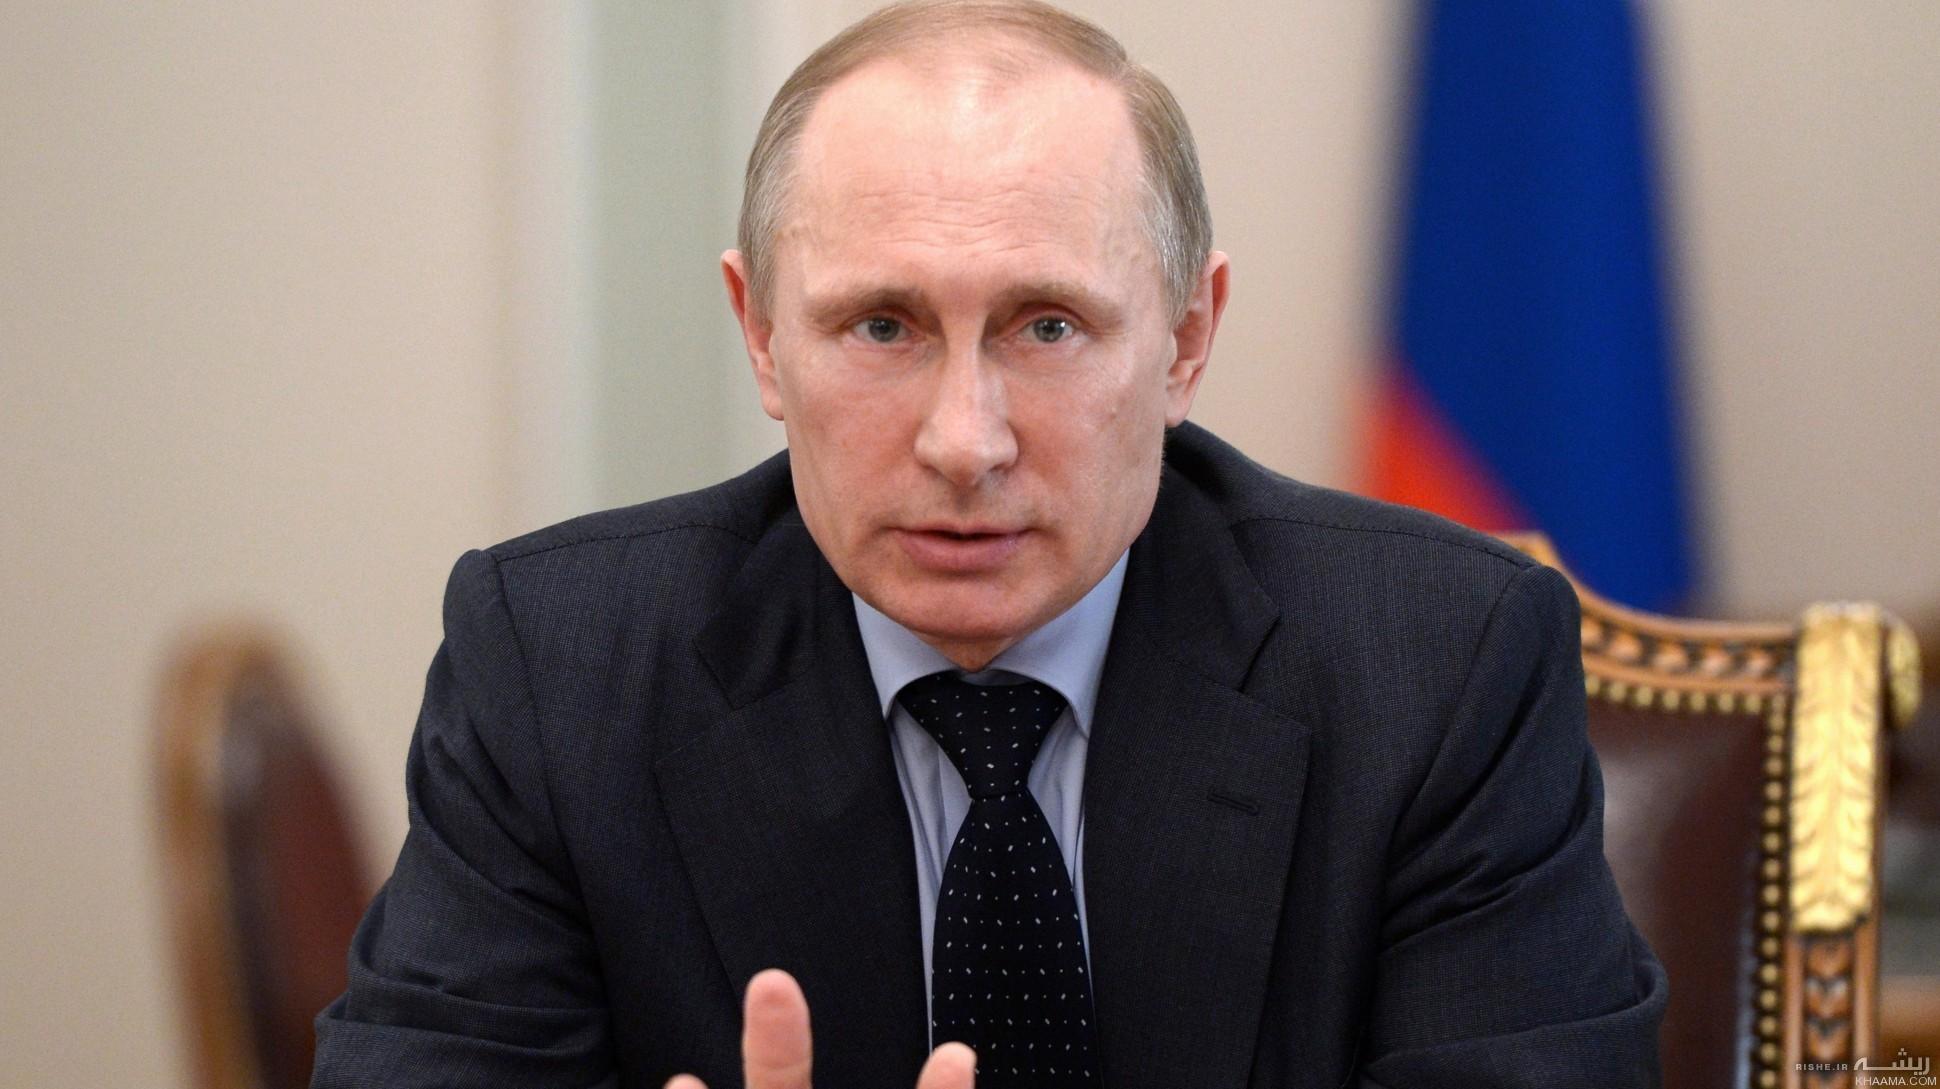 تهدید آمریکا توسط پوتین